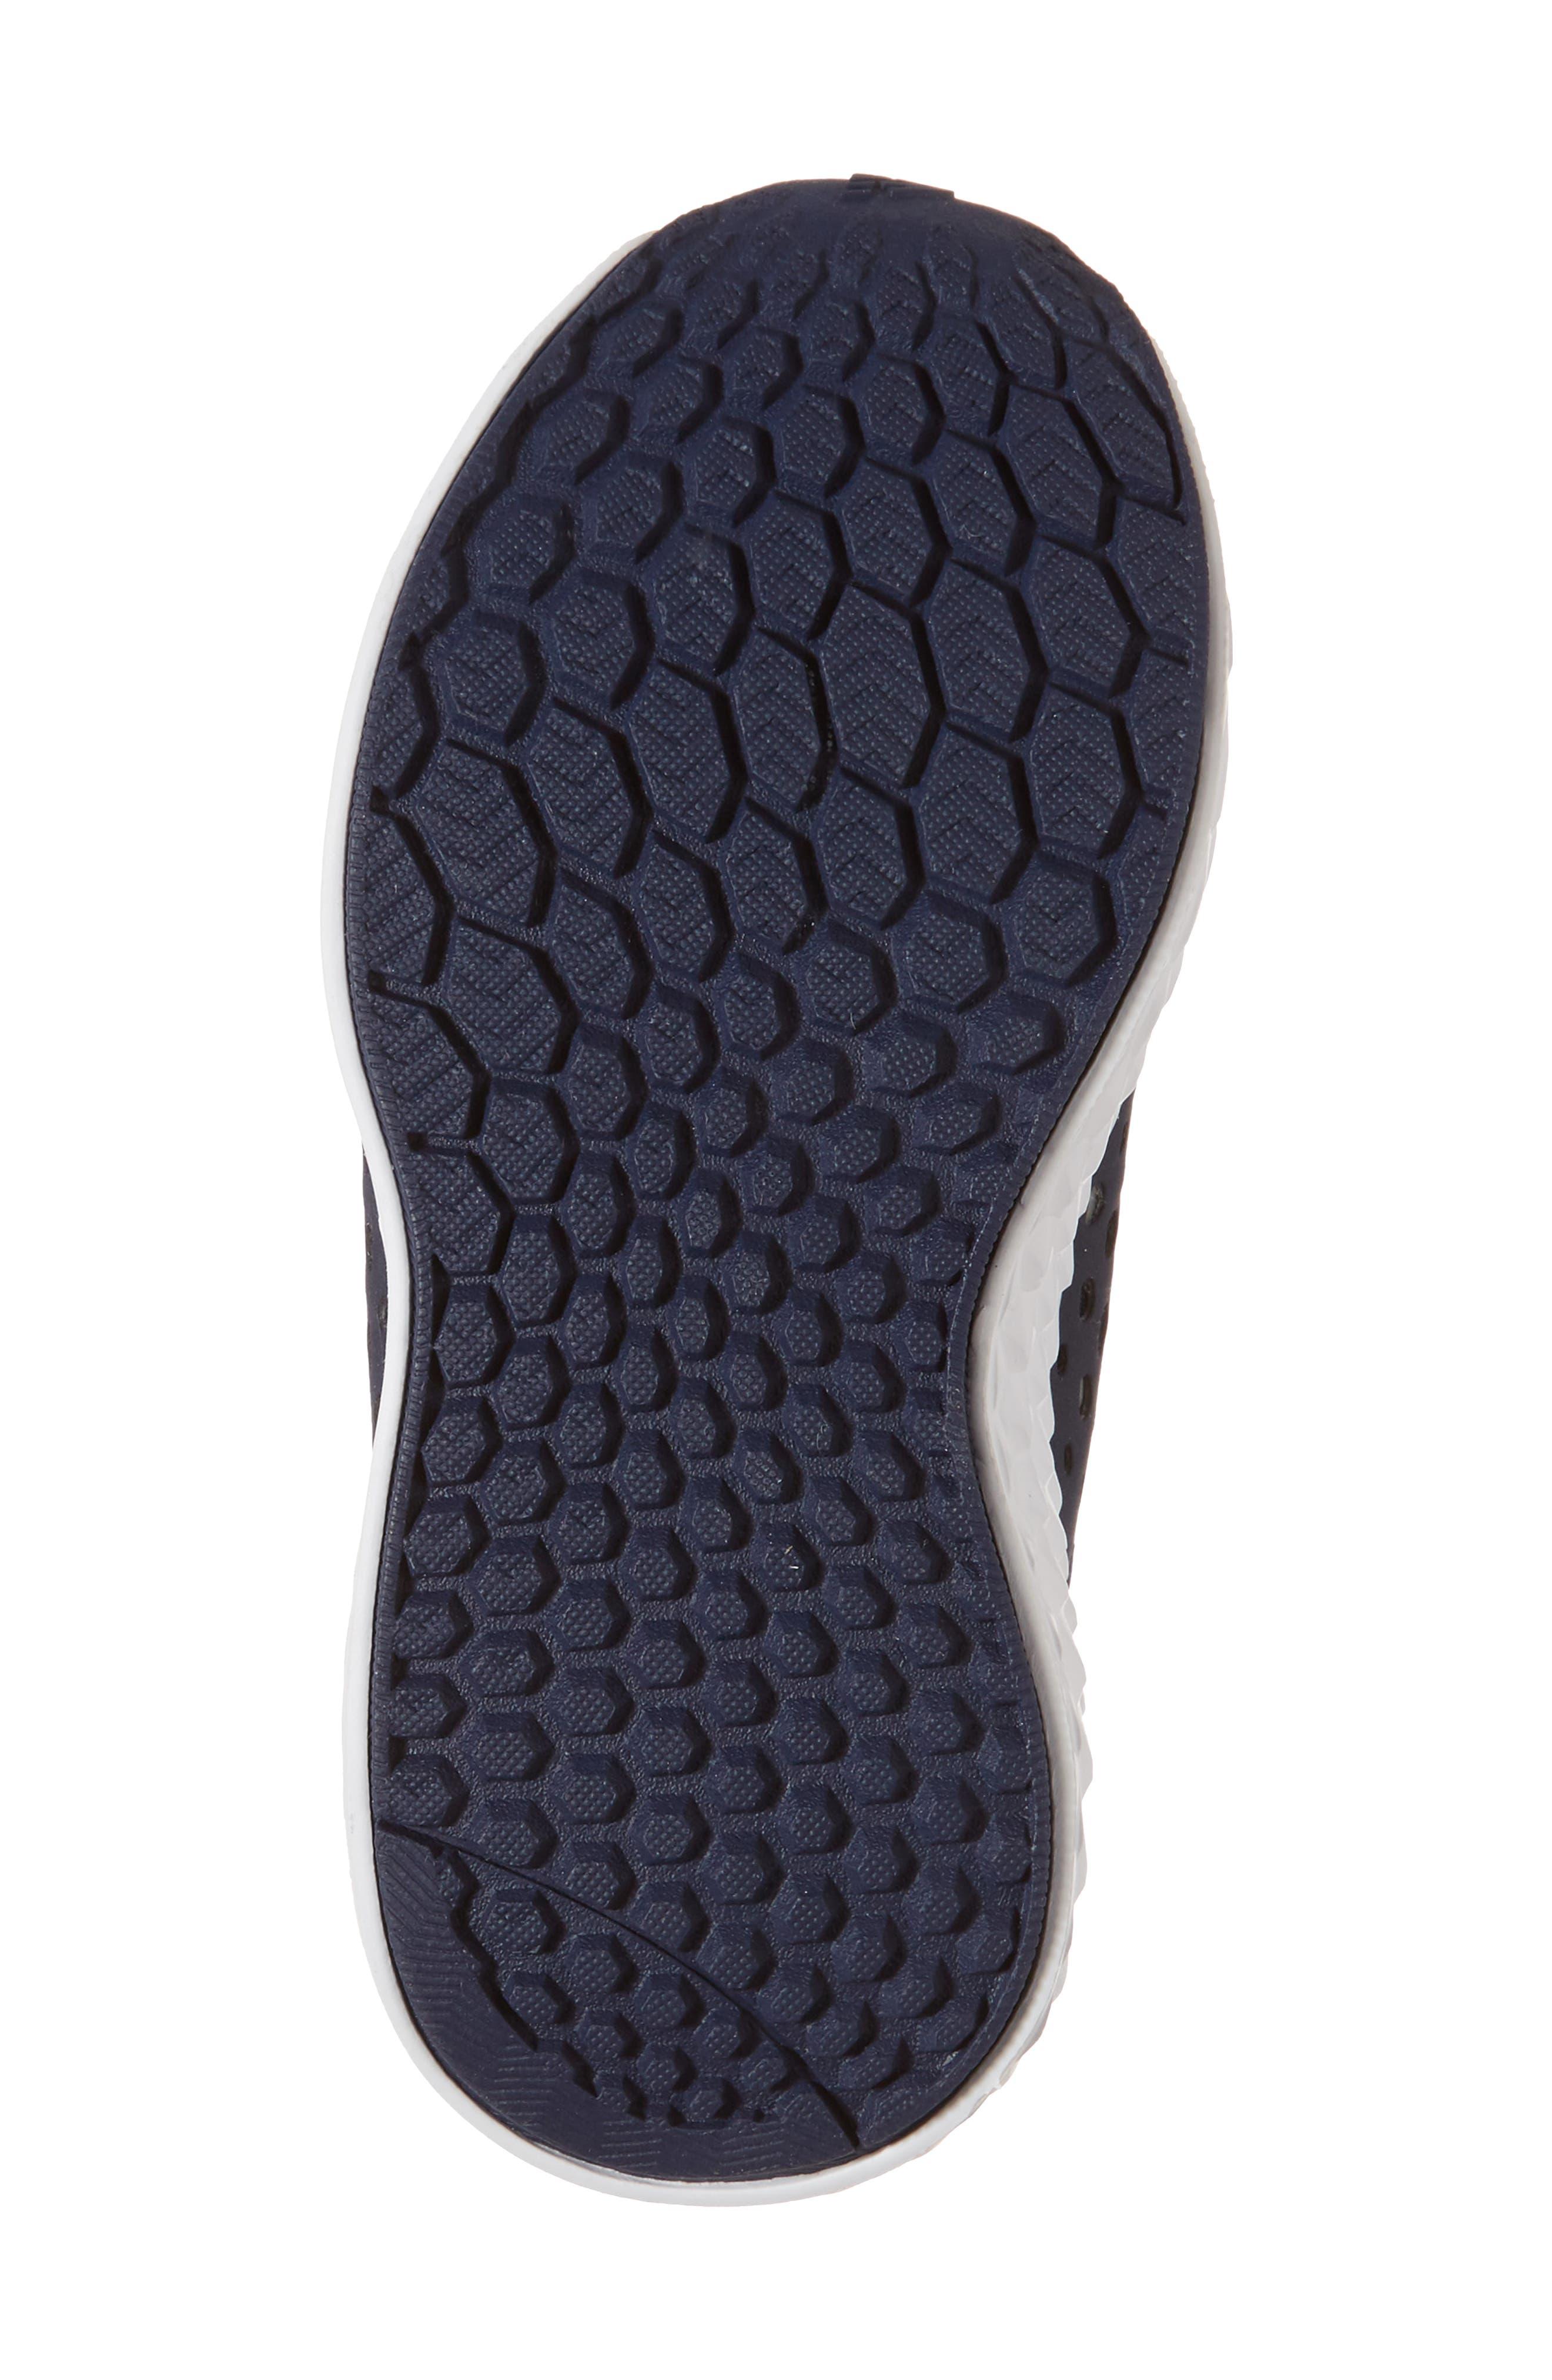 Cruz Sport Sneaker,                             Alternate thumbnail 6, color,                             Navy/ White